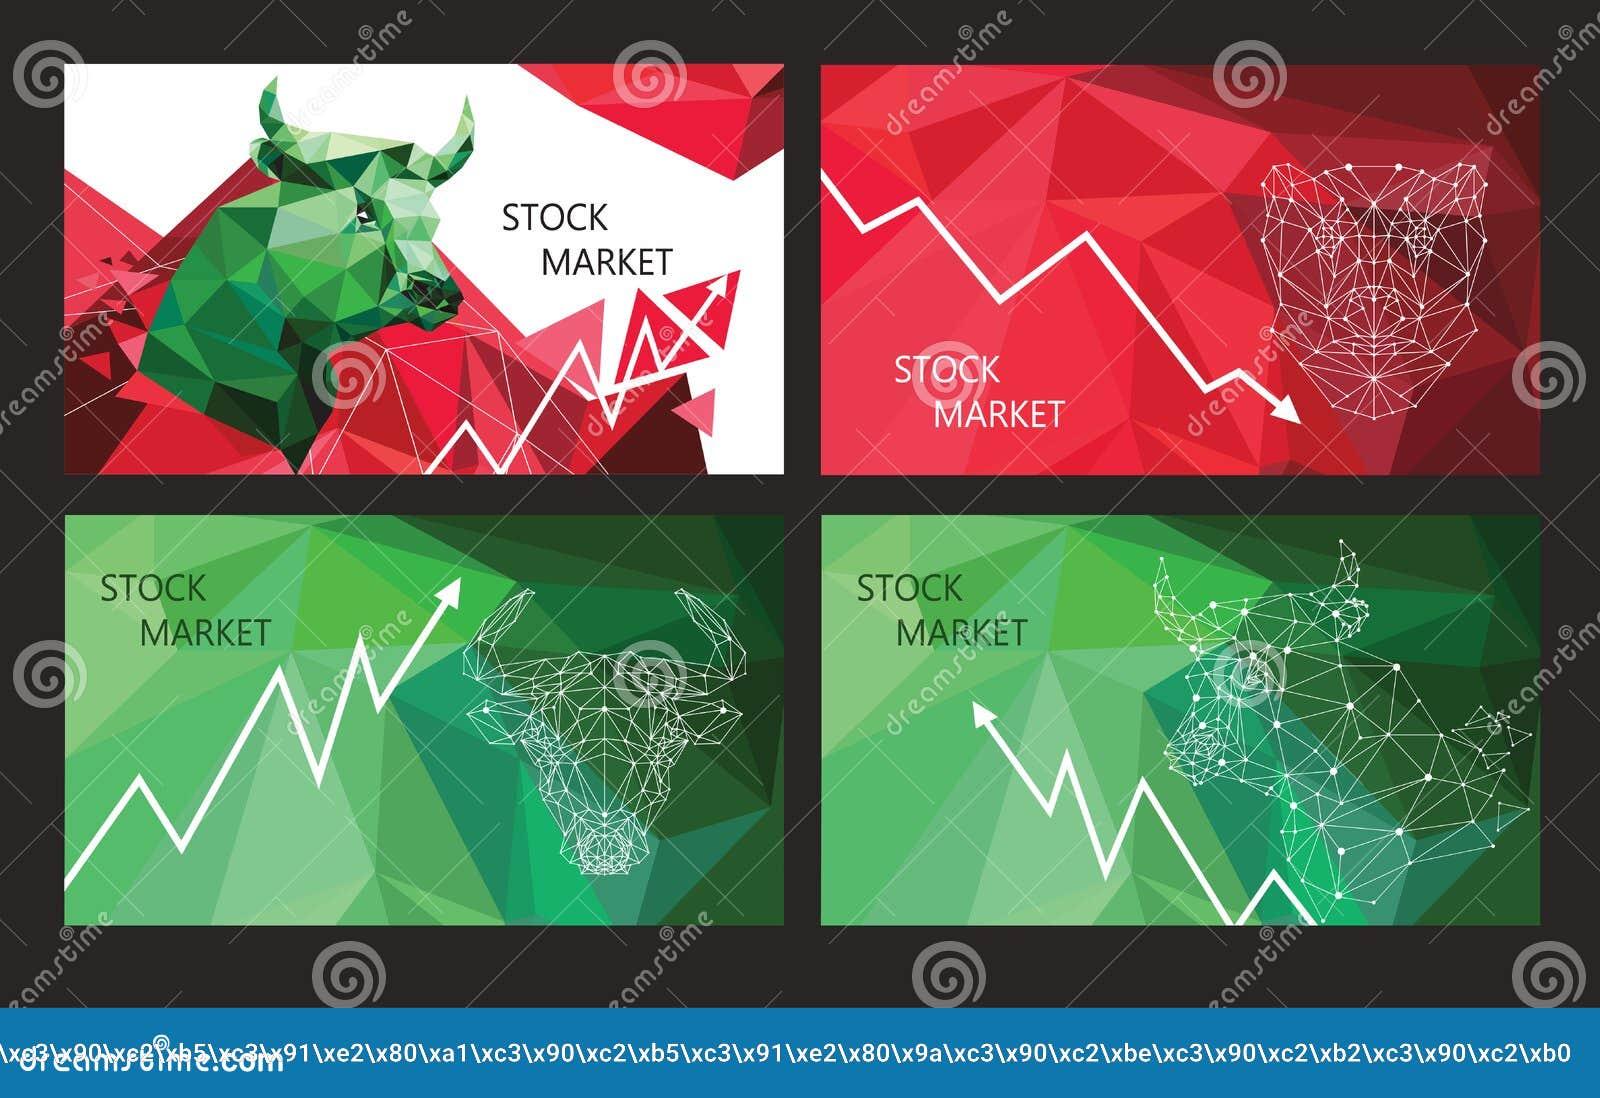 Símbolos de la tendencia del mercado de acción Sistema de banderas horizontales